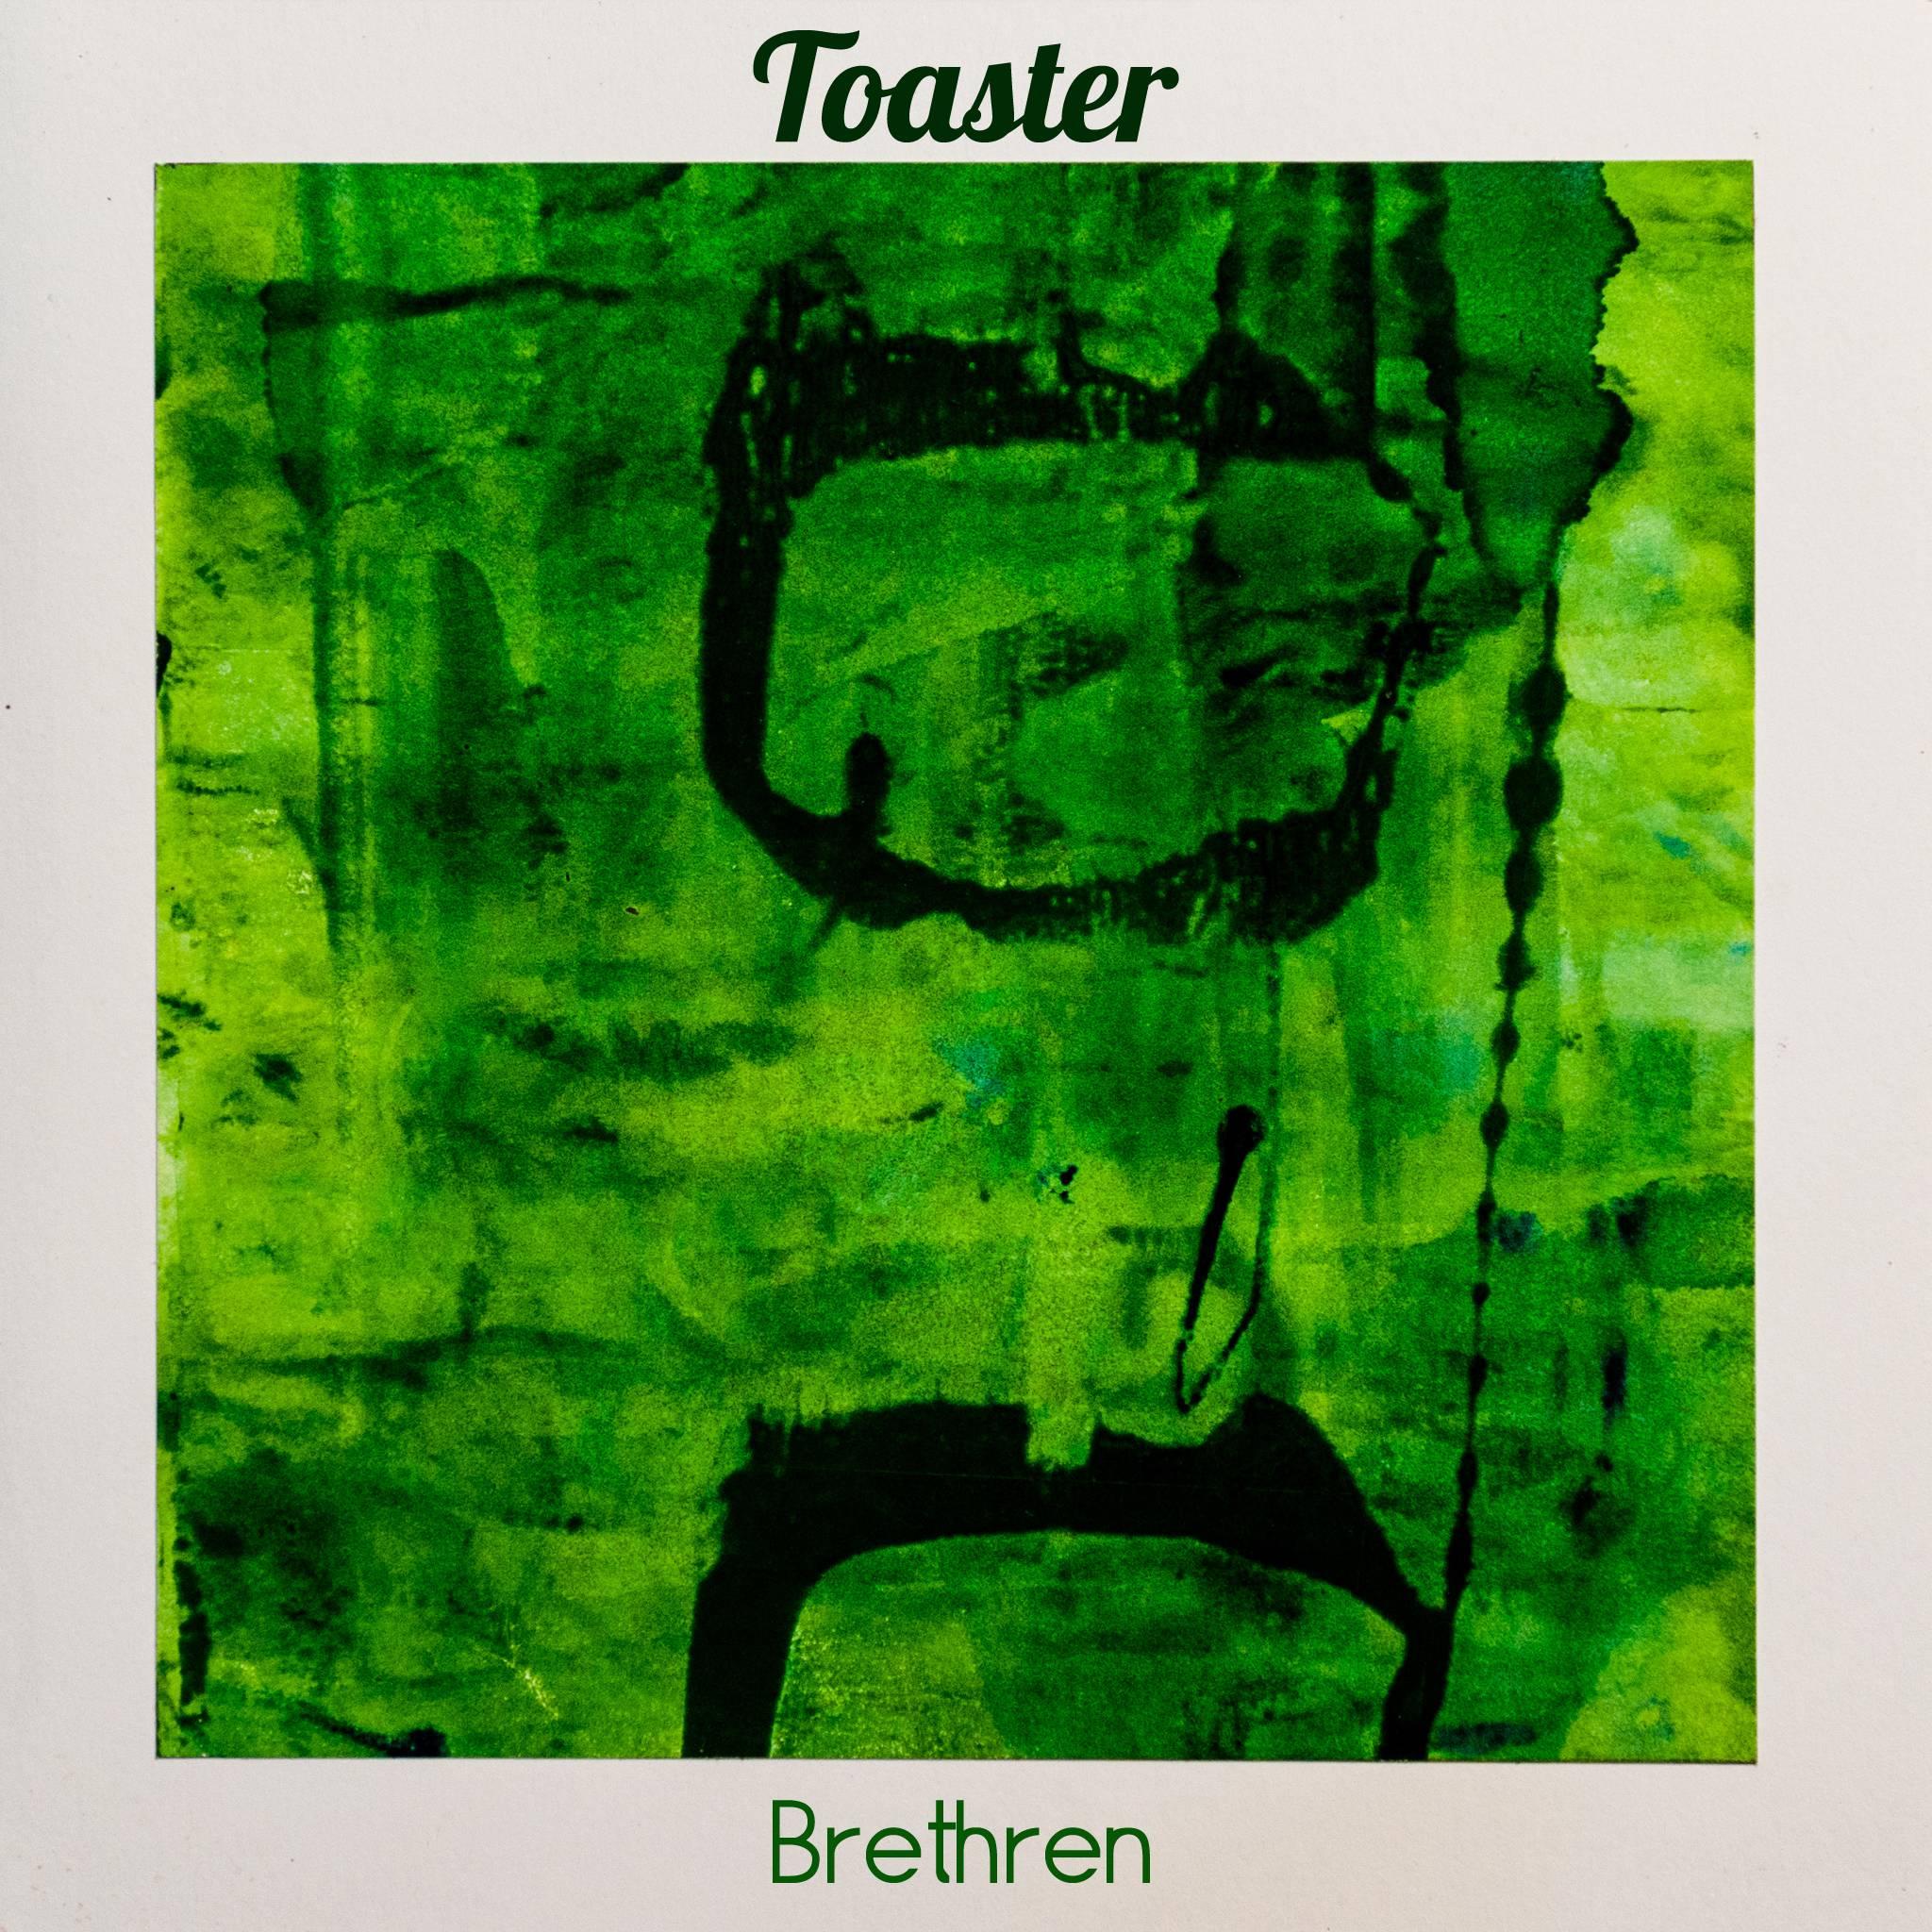 Toaster - Brethren - IVA1401